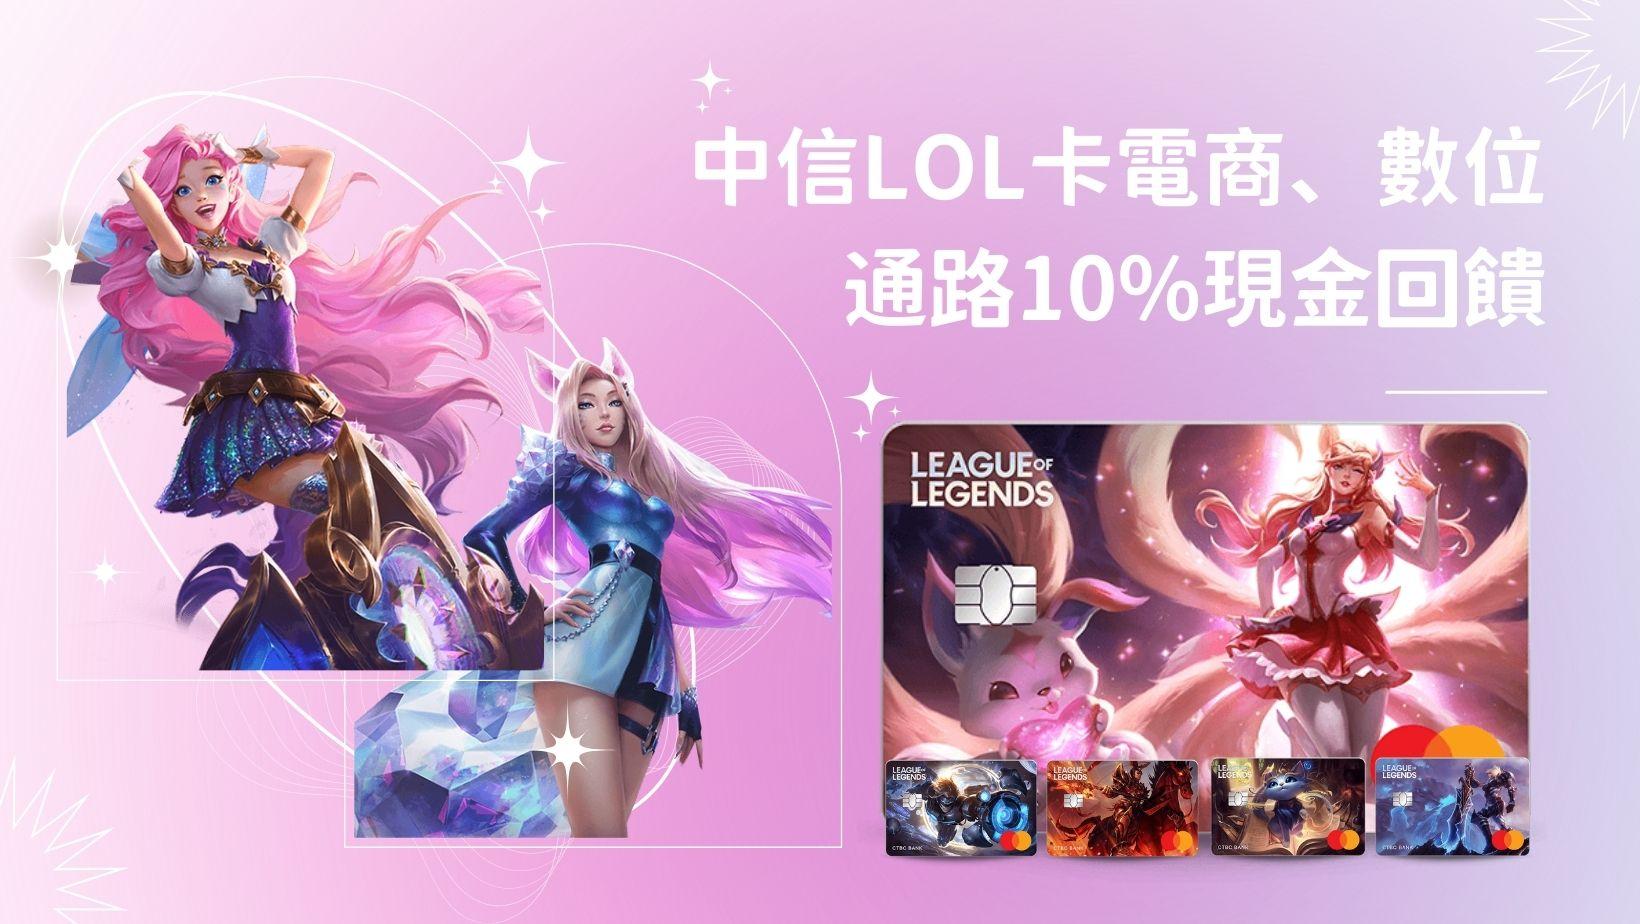 【中信英雄聯盟卡】遊戲/網購/影音/外送10%回饋 K/DA女團限量LED卡面